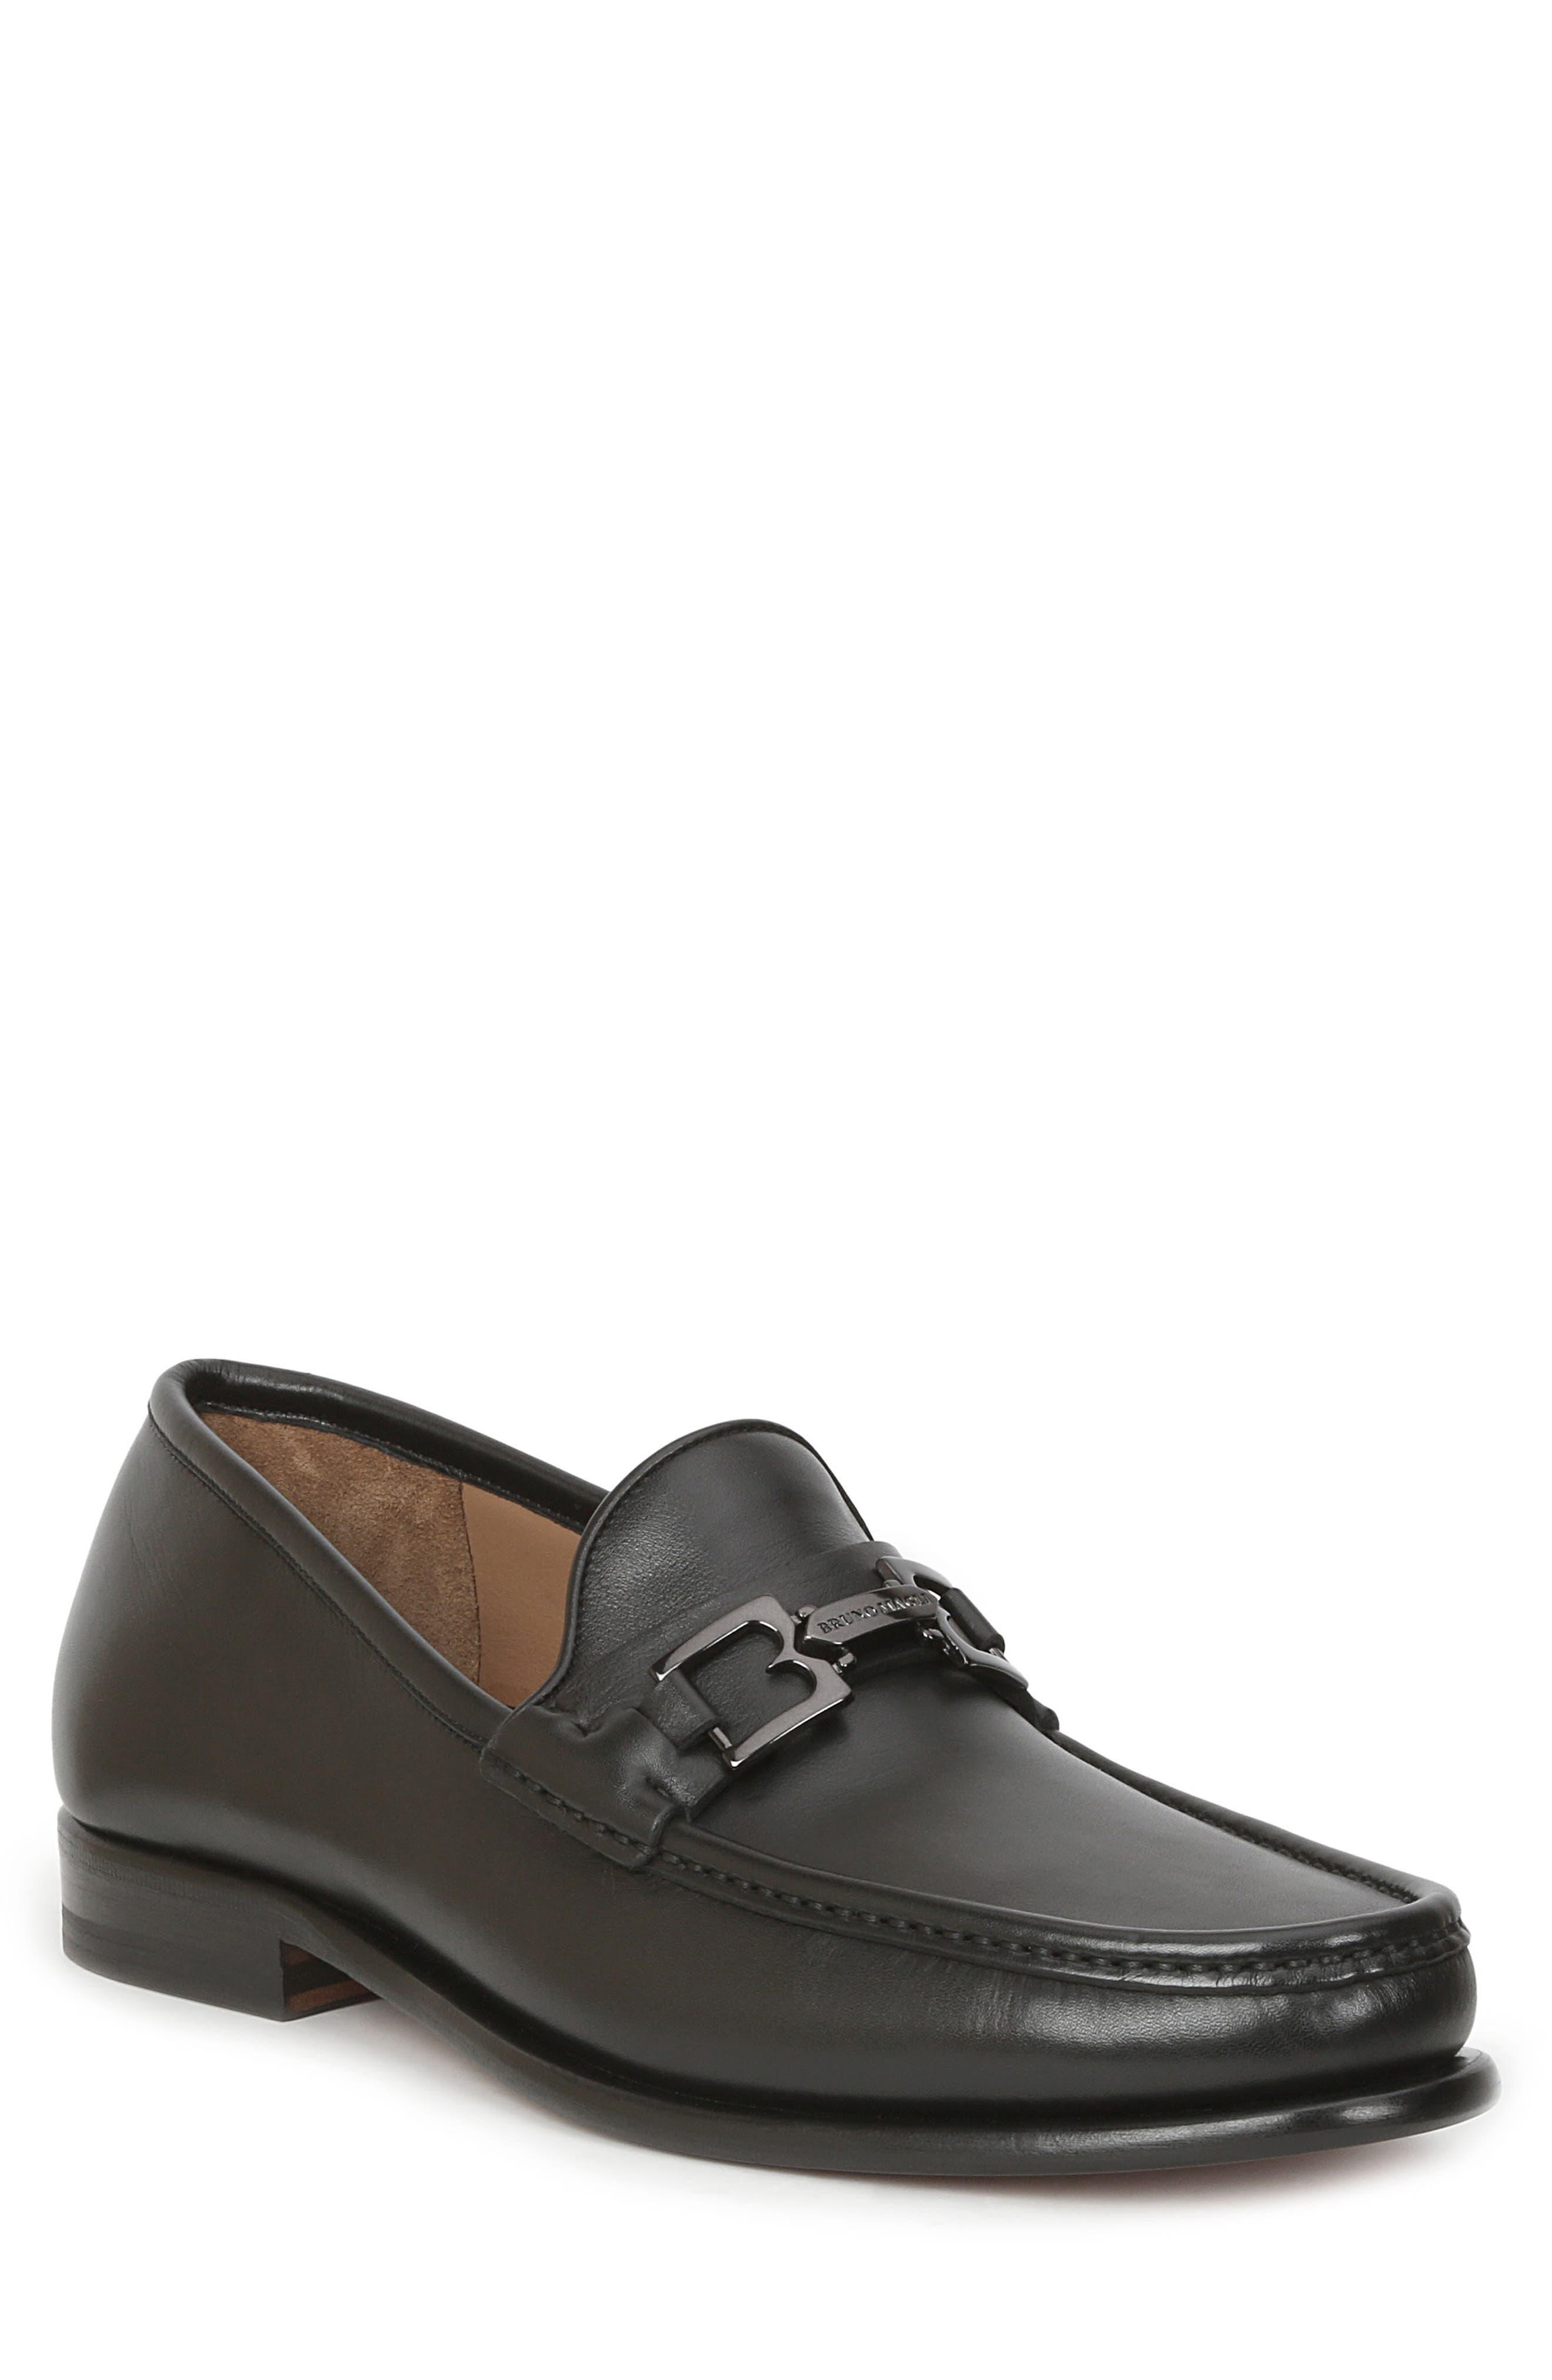 BRUNO MAGLI Men'S Falcone Leather Moc-Toe Loafers in Black